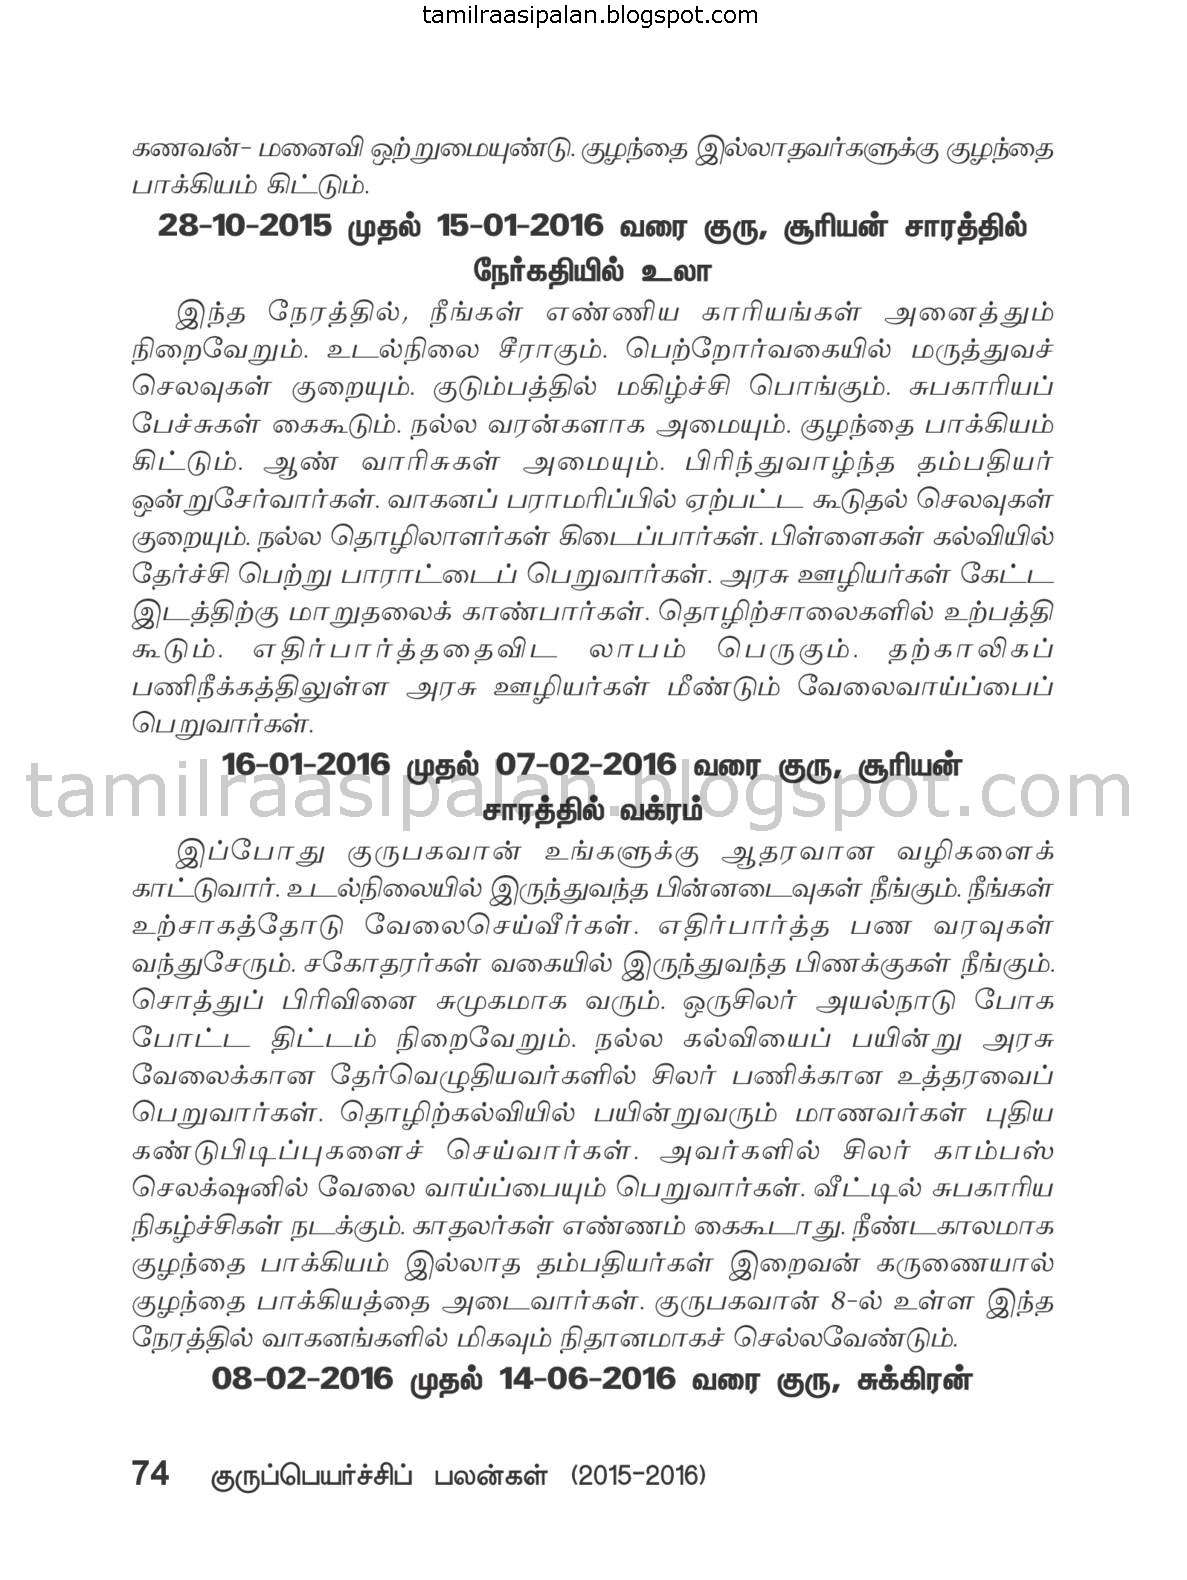 Makaram Guru Peyarchi Palan-2015-2016 Free Online